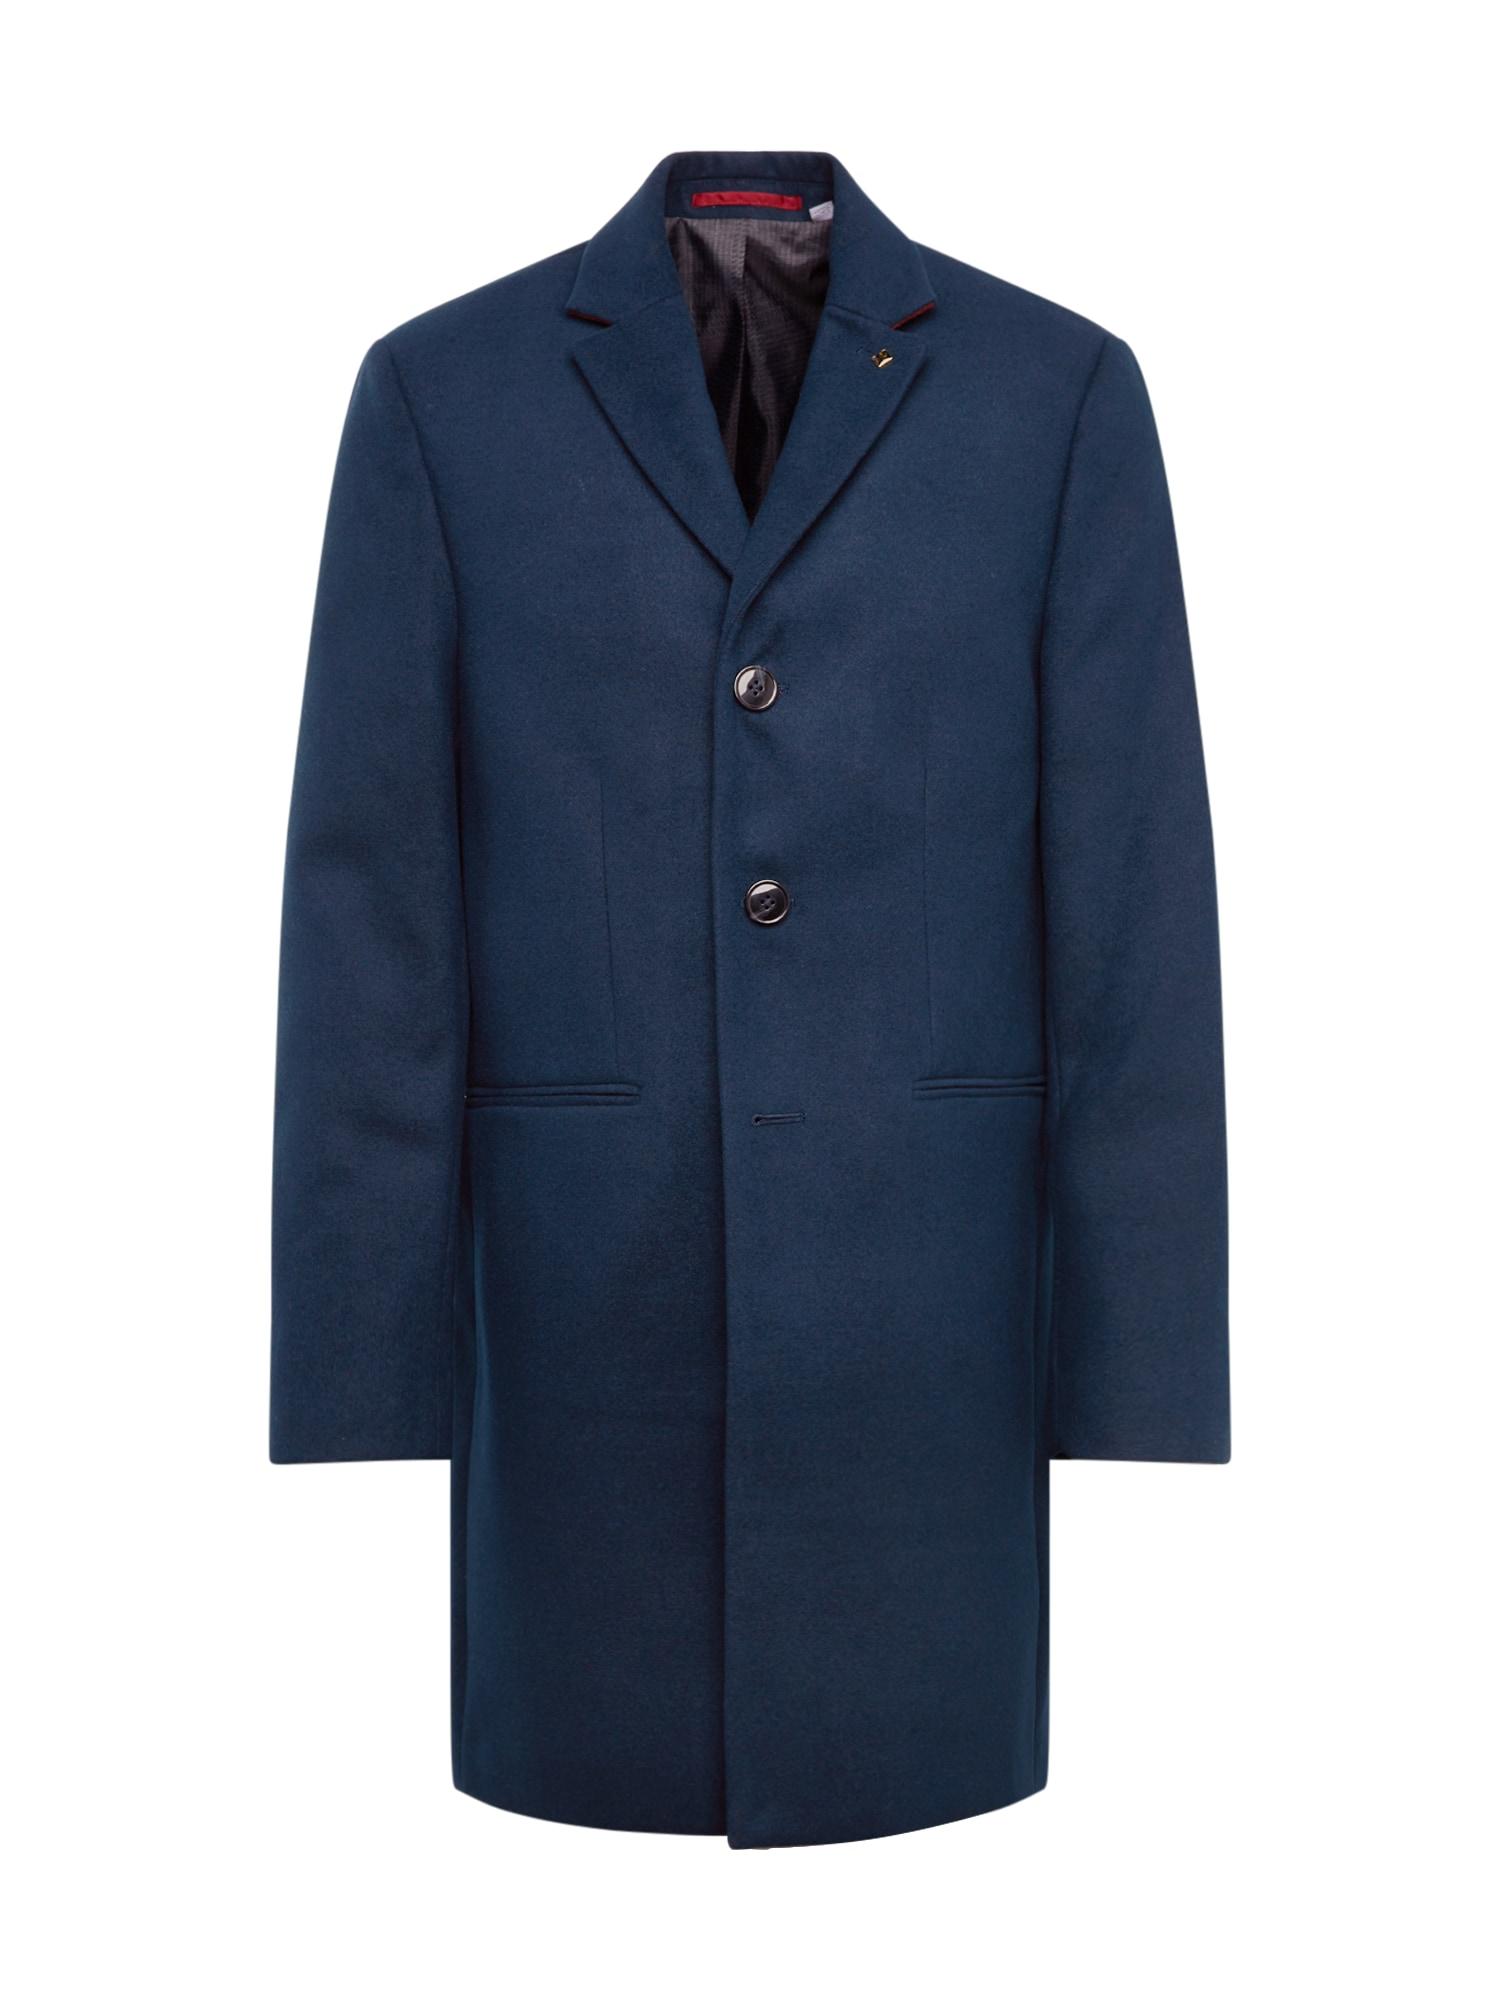 BURTON MENSWEAR LONDON Rudeninis-žieminis paltas 'rich' mėlyna